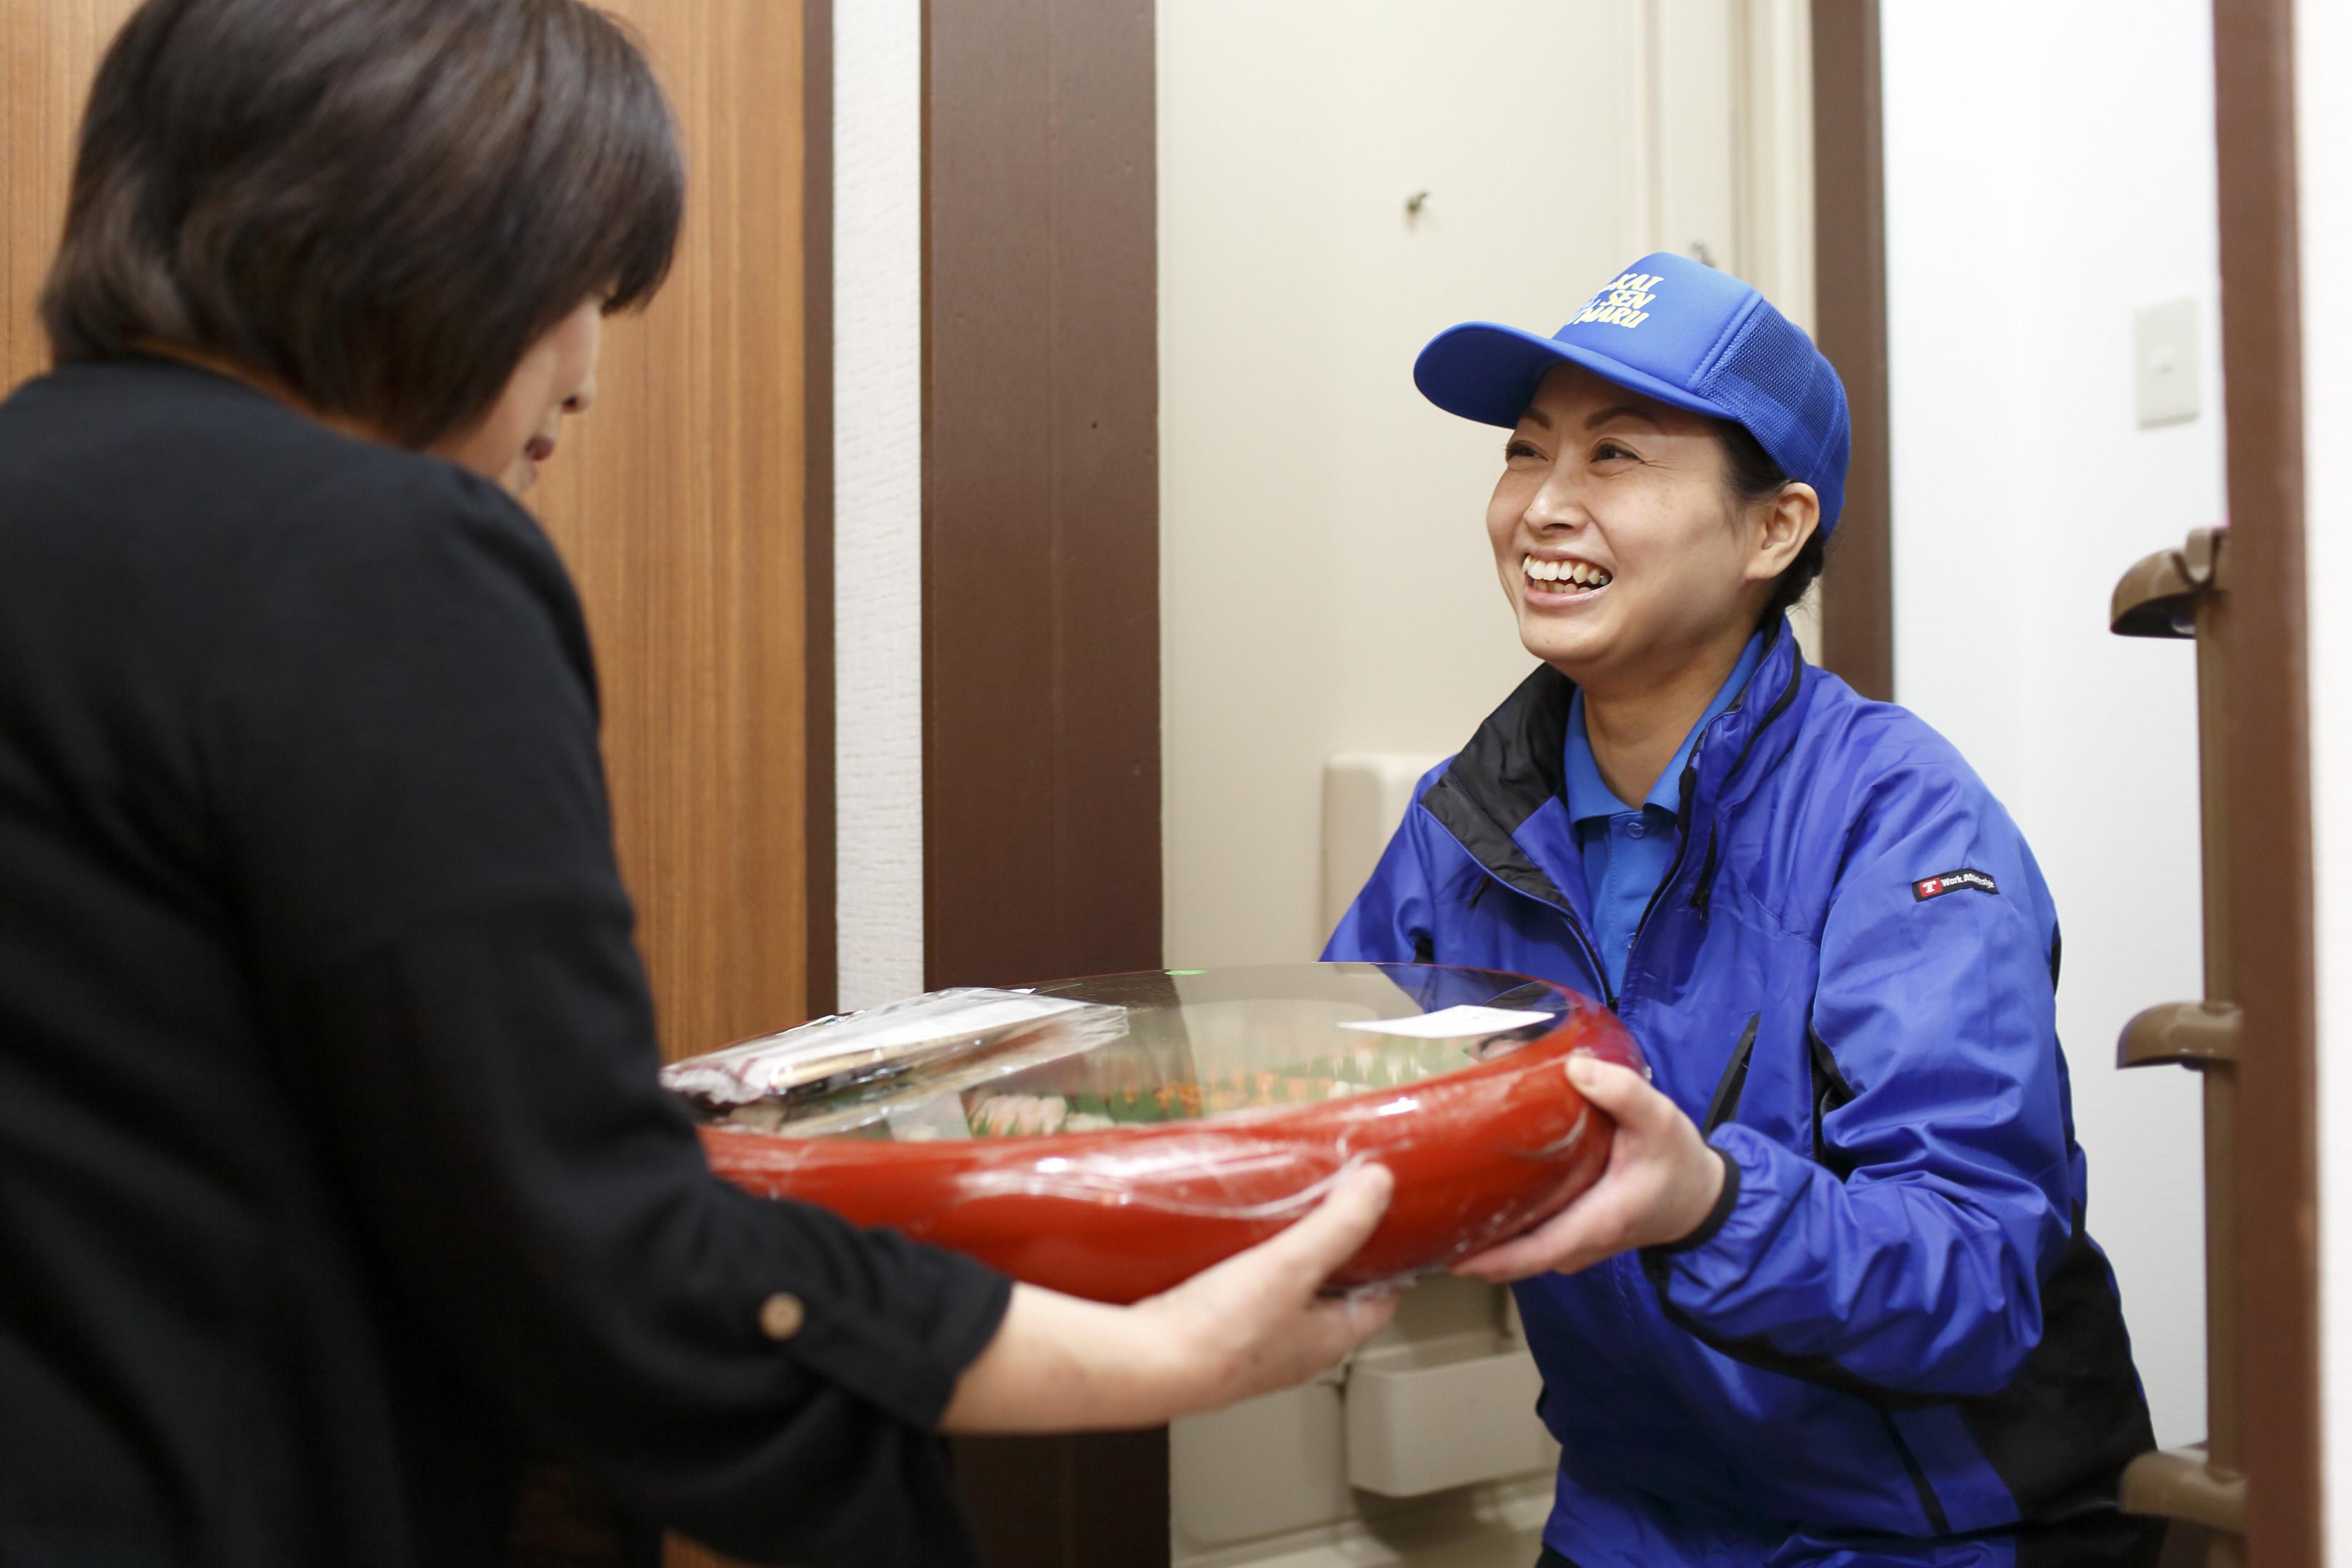 札幌海鮮丸 厚別南店 デリバリー(配達)スタッフのアルバイト情報